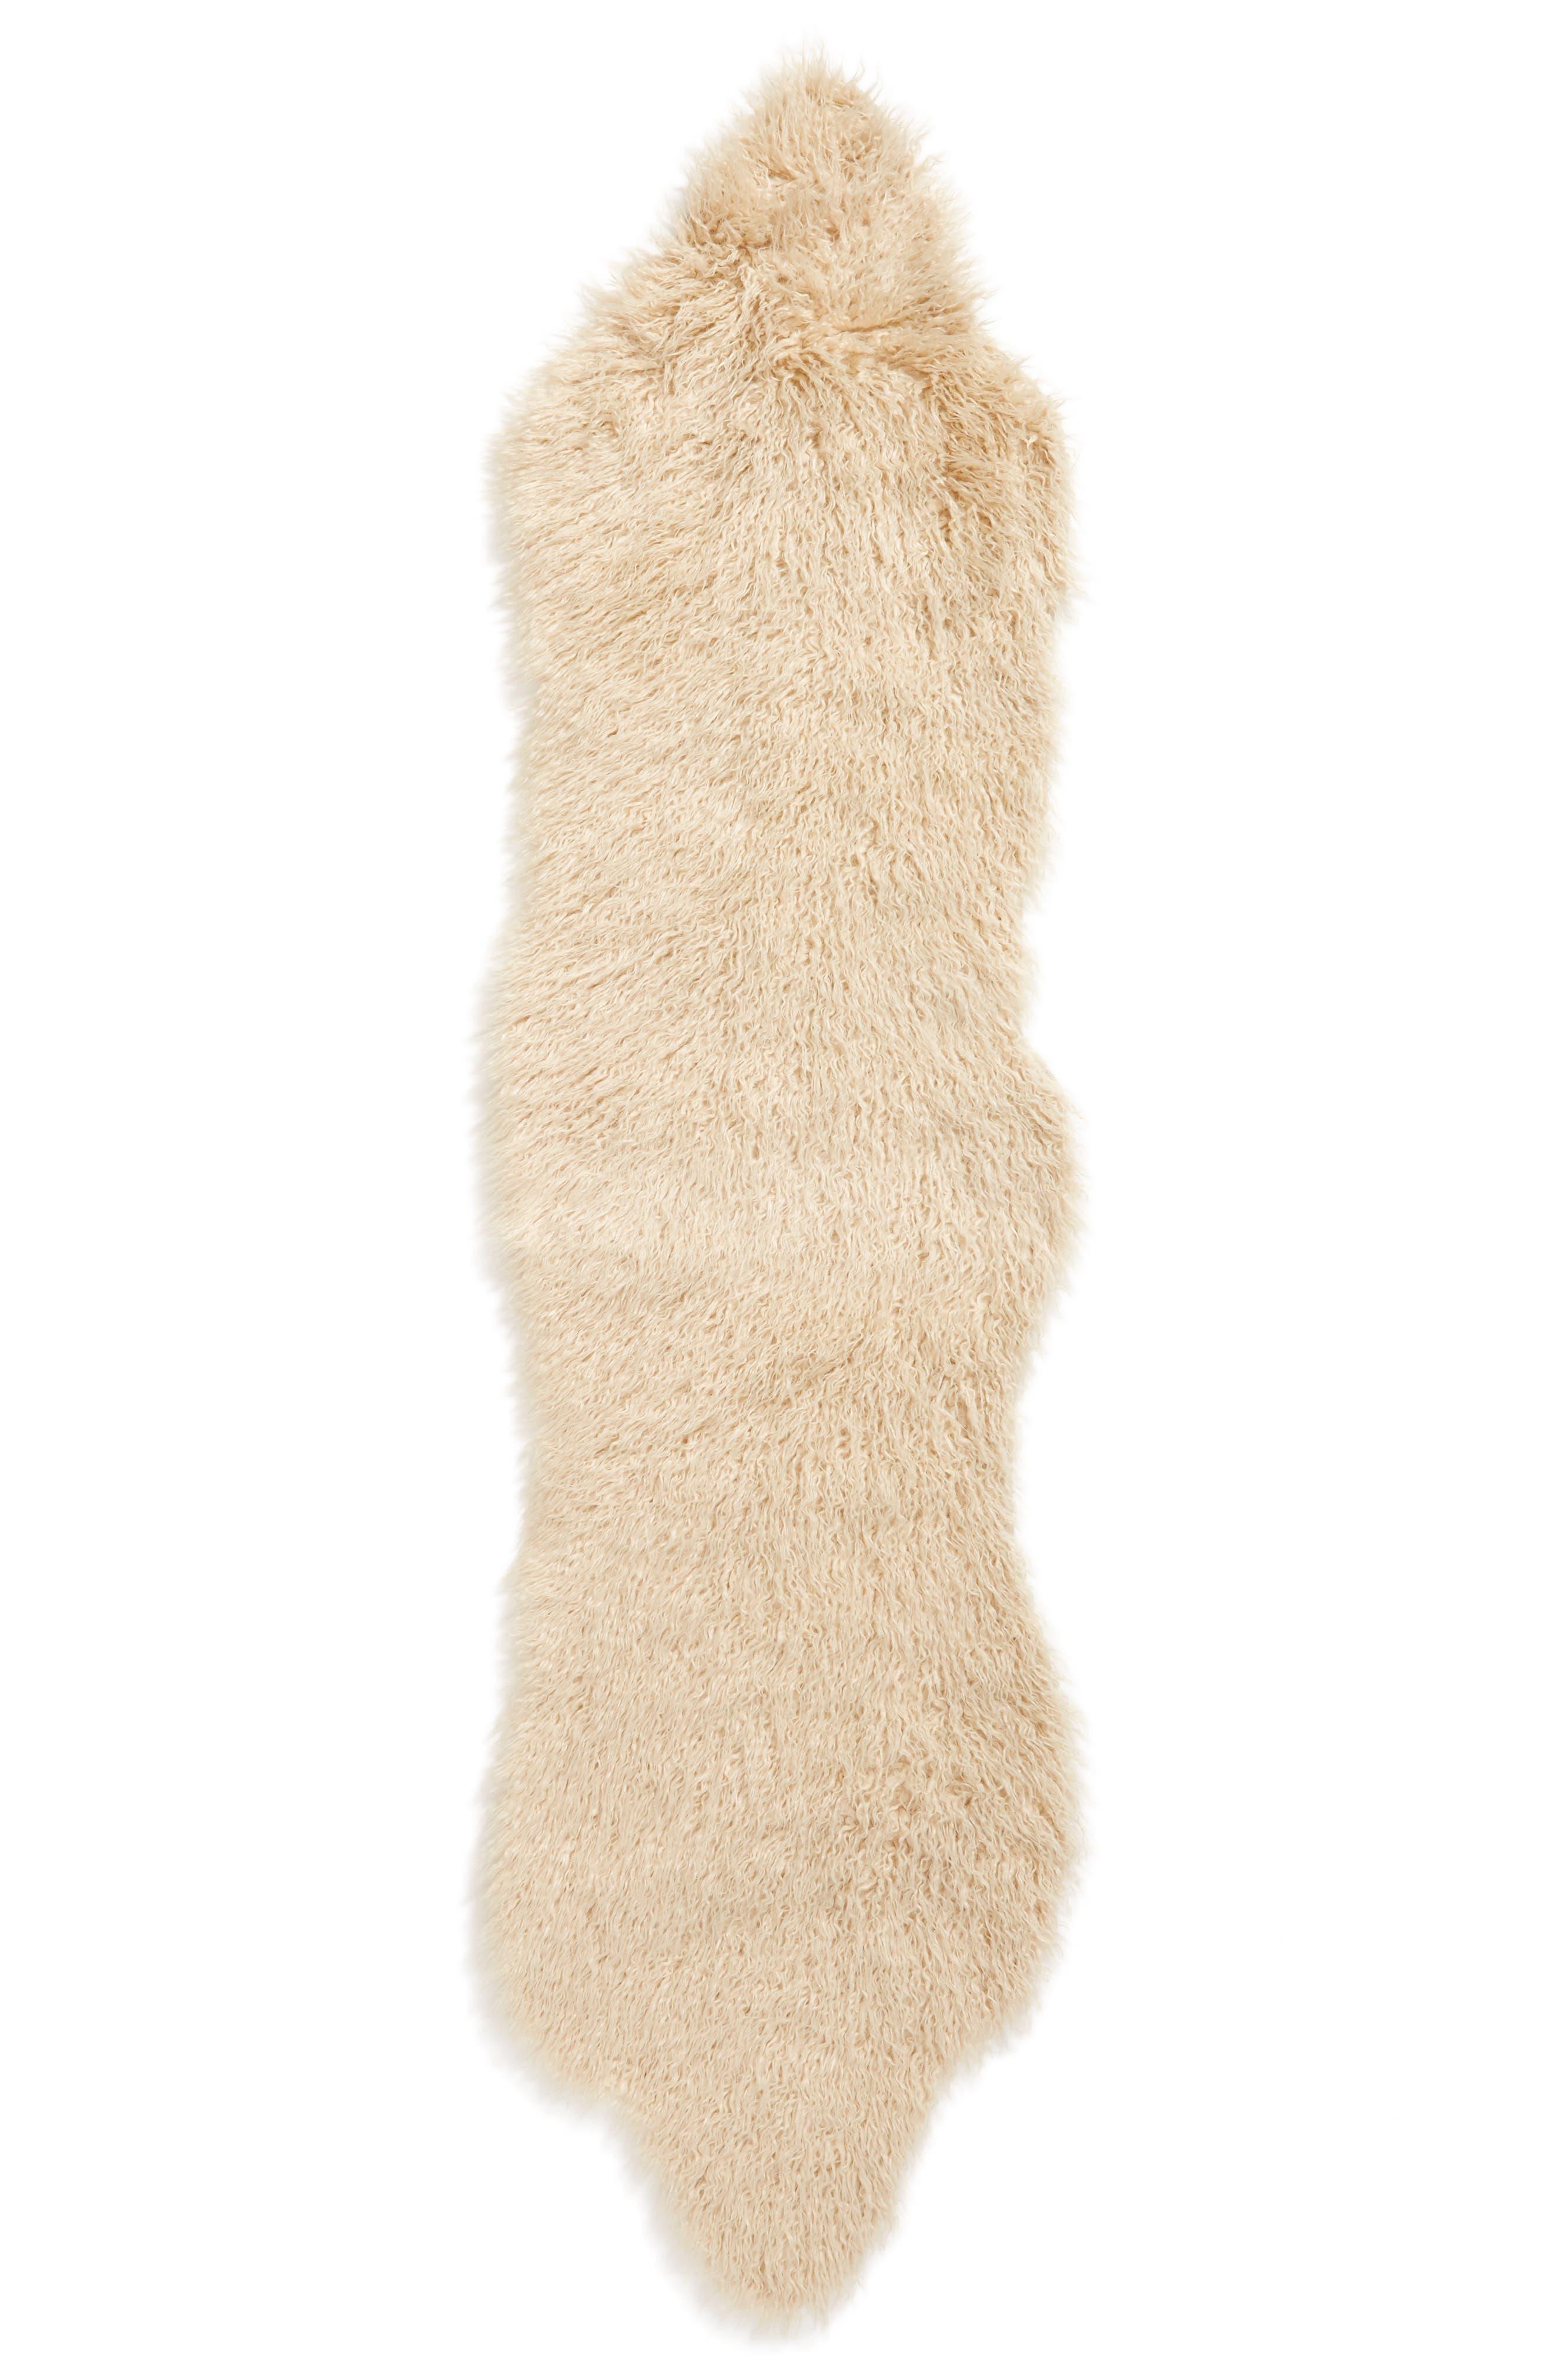 TREASURE & BOND,                             Curly Faux Fur Rug,                             Main thumbnail 1, color,                             BEIGE BEACH